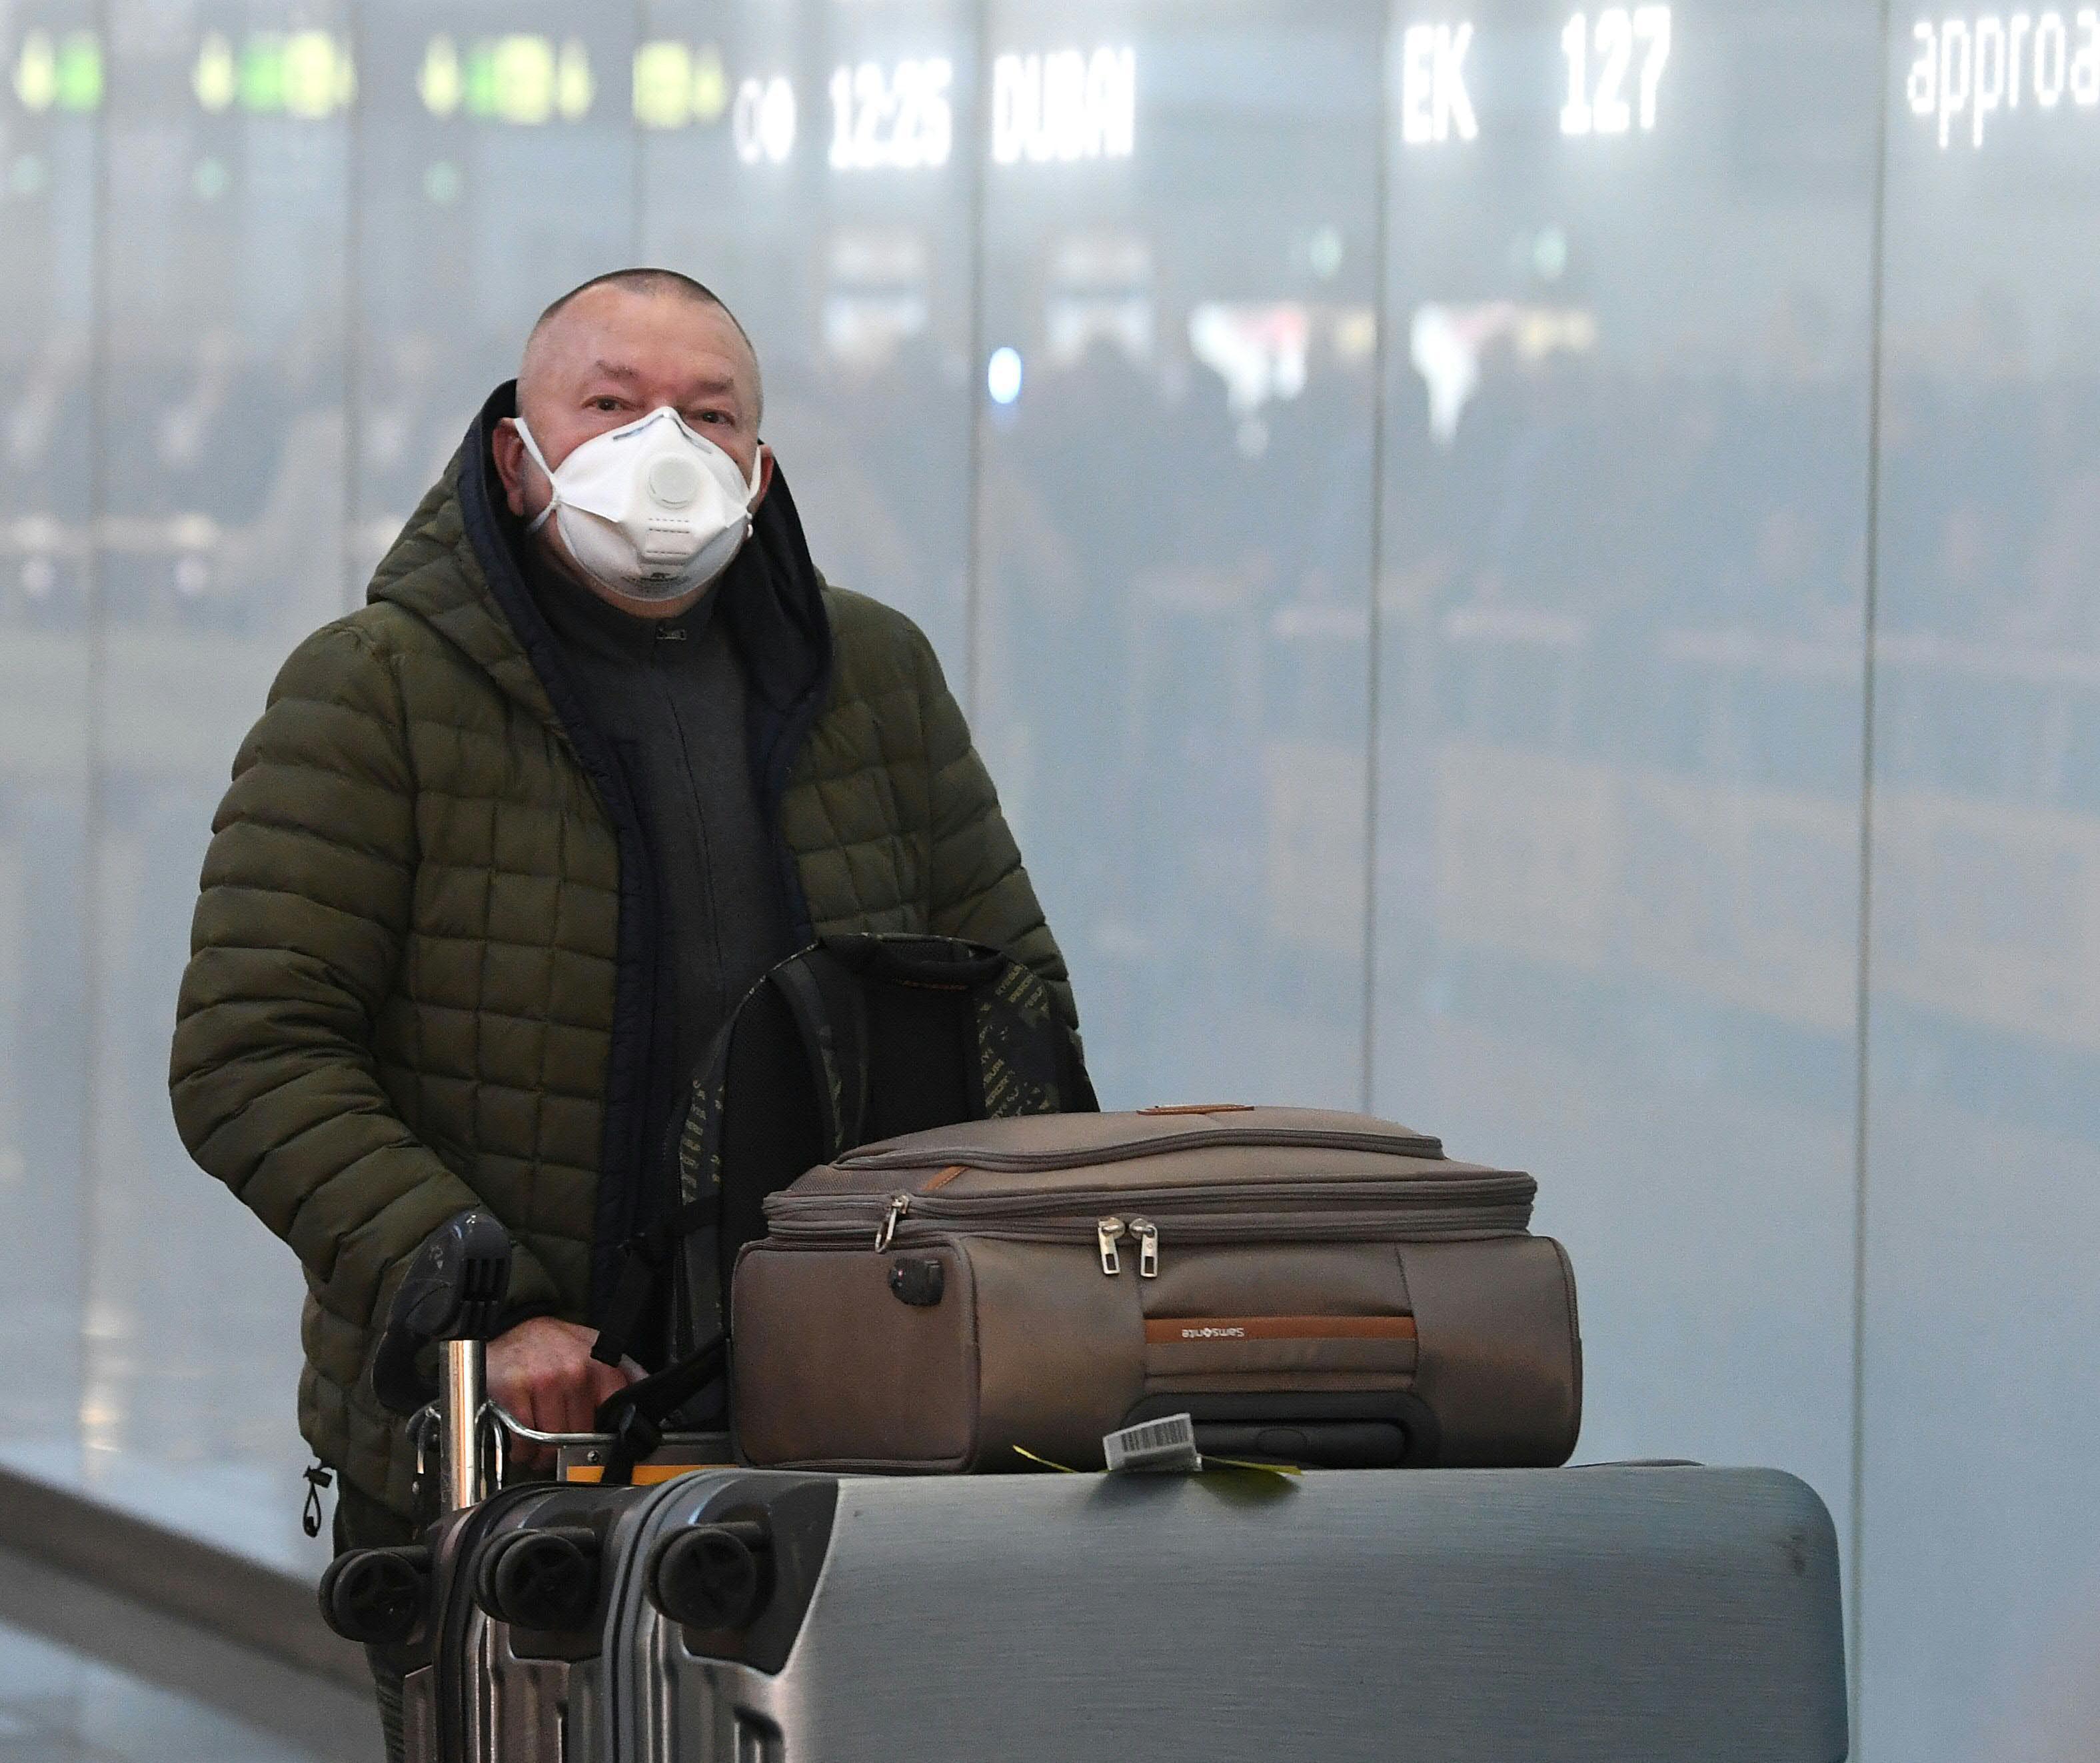 Schutzmasken: Produktion kommt nicht nach